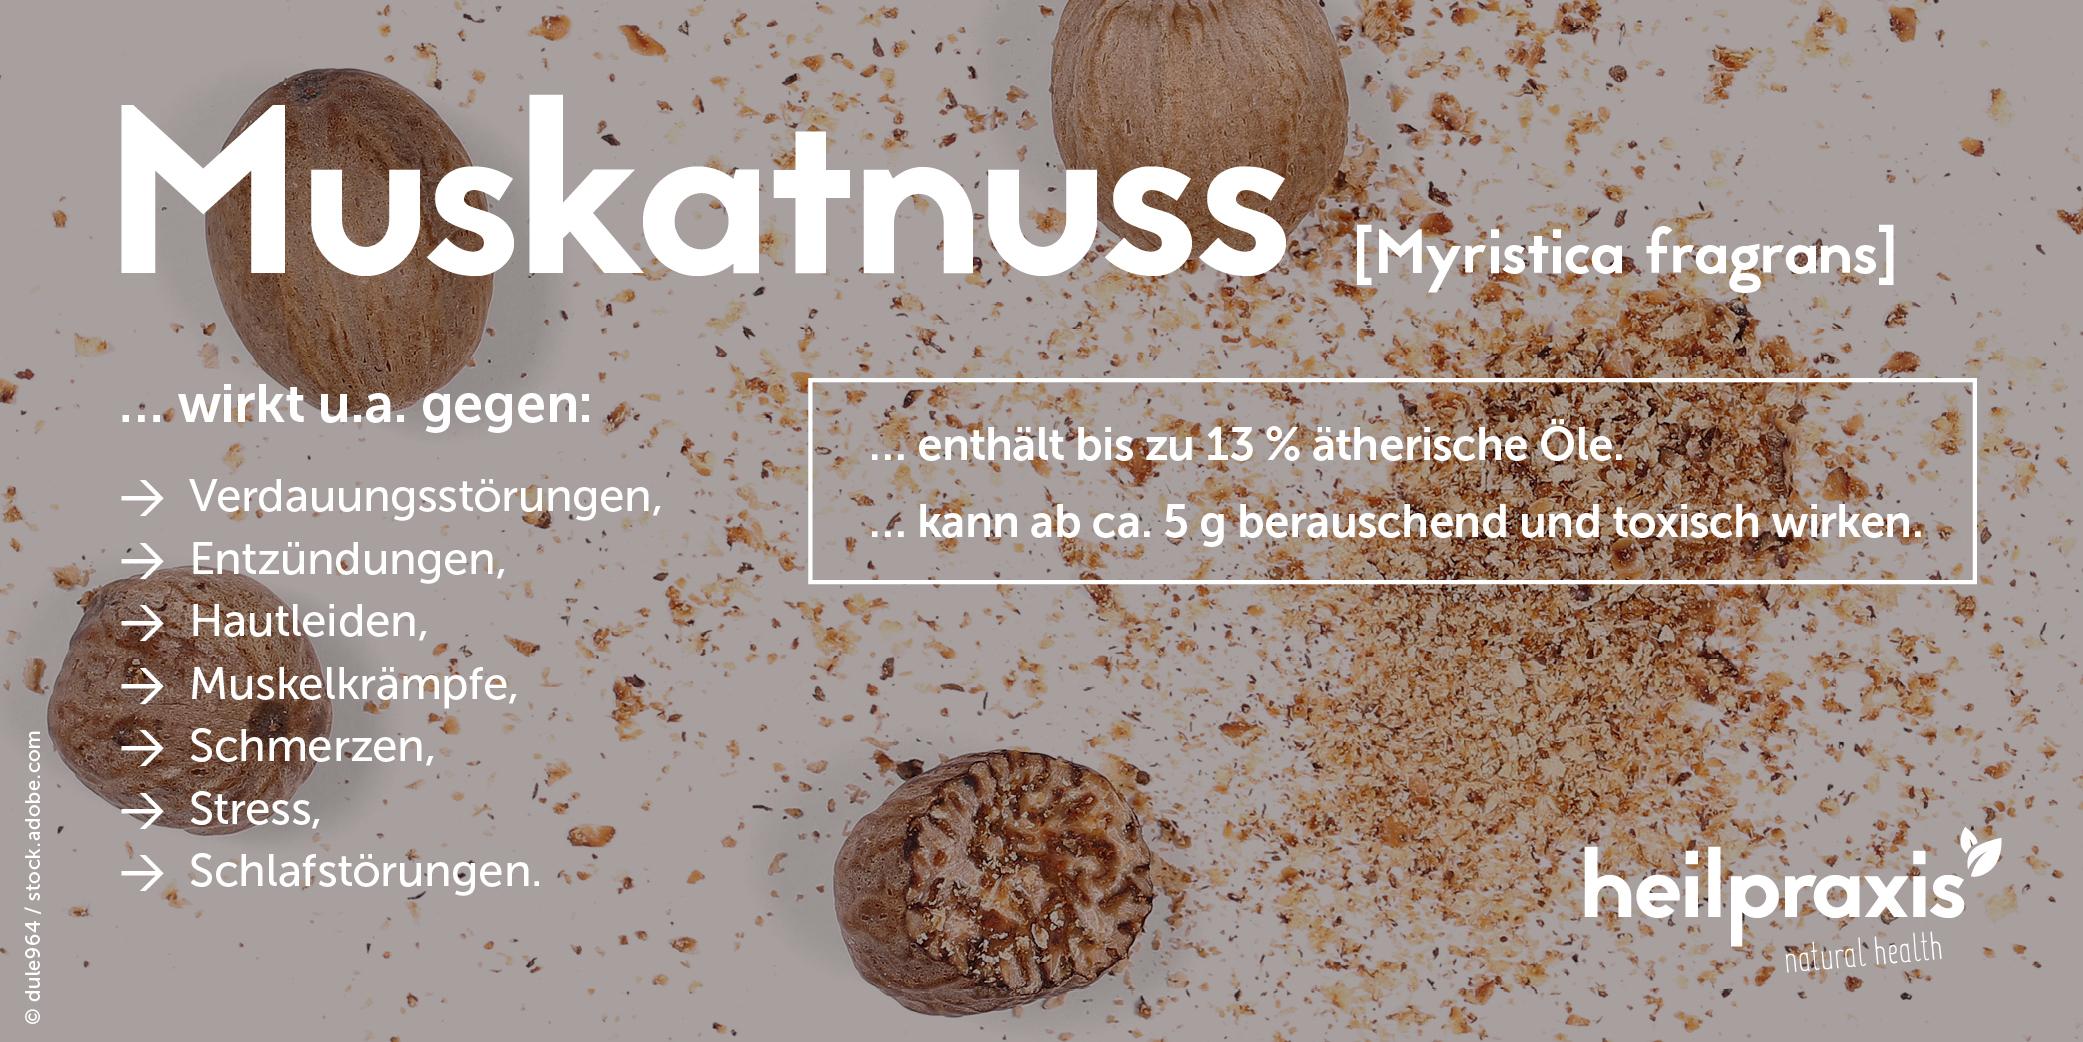 Muskatnuss Liste Anwendungsgebeite, Inhaltsstoffe und Wirkungen